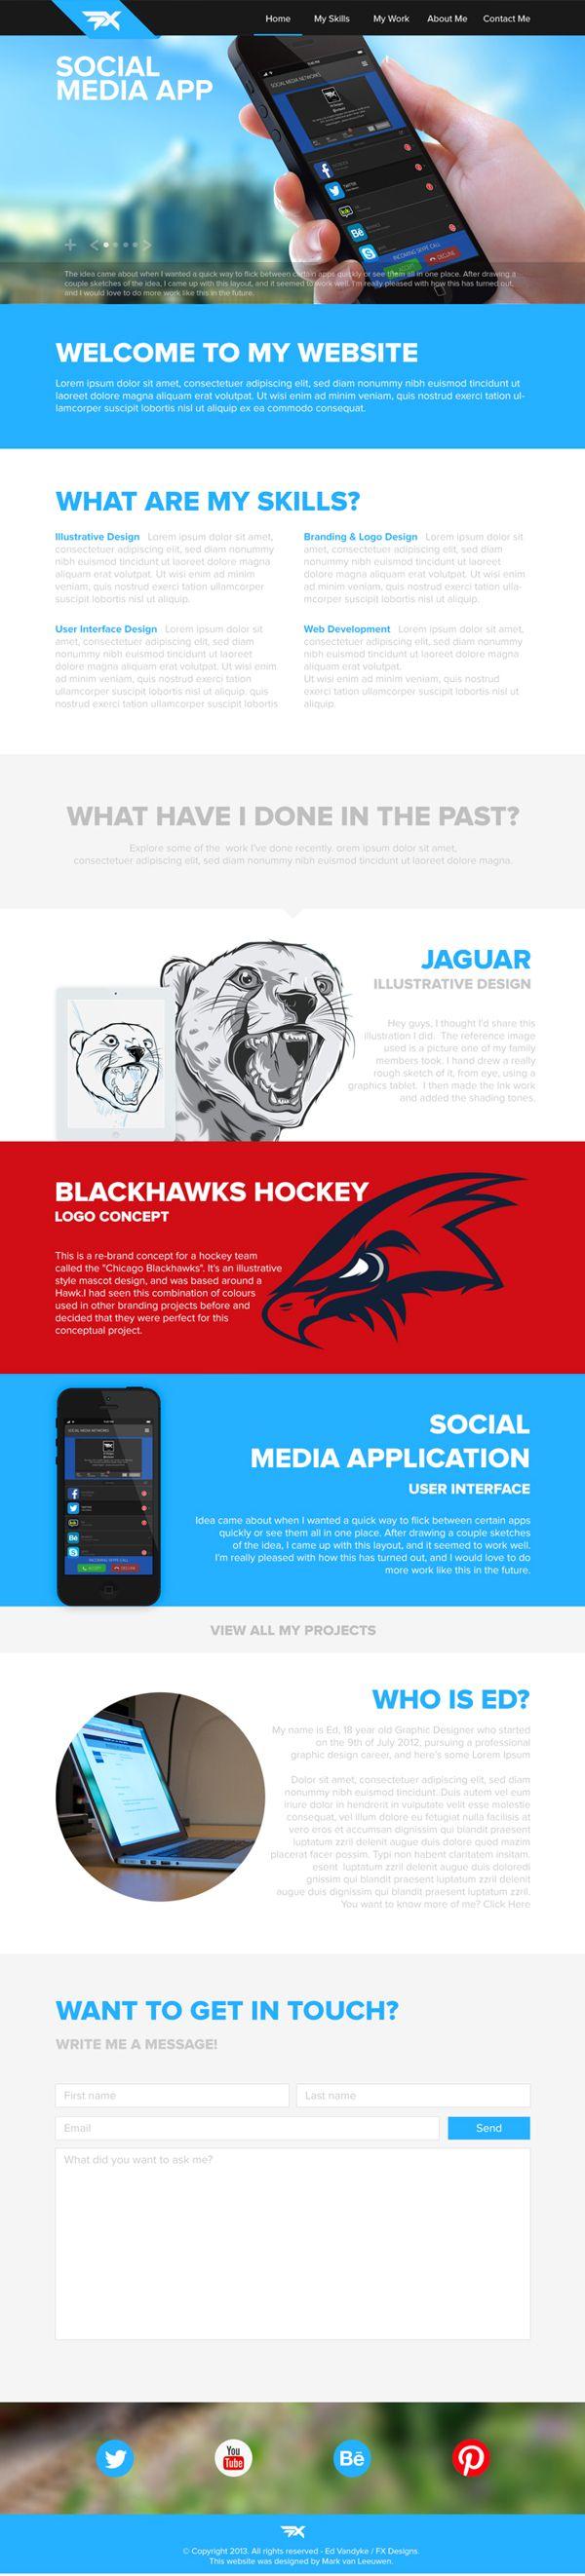 FX Designs Website by Mark van Leeuwen, via Behance